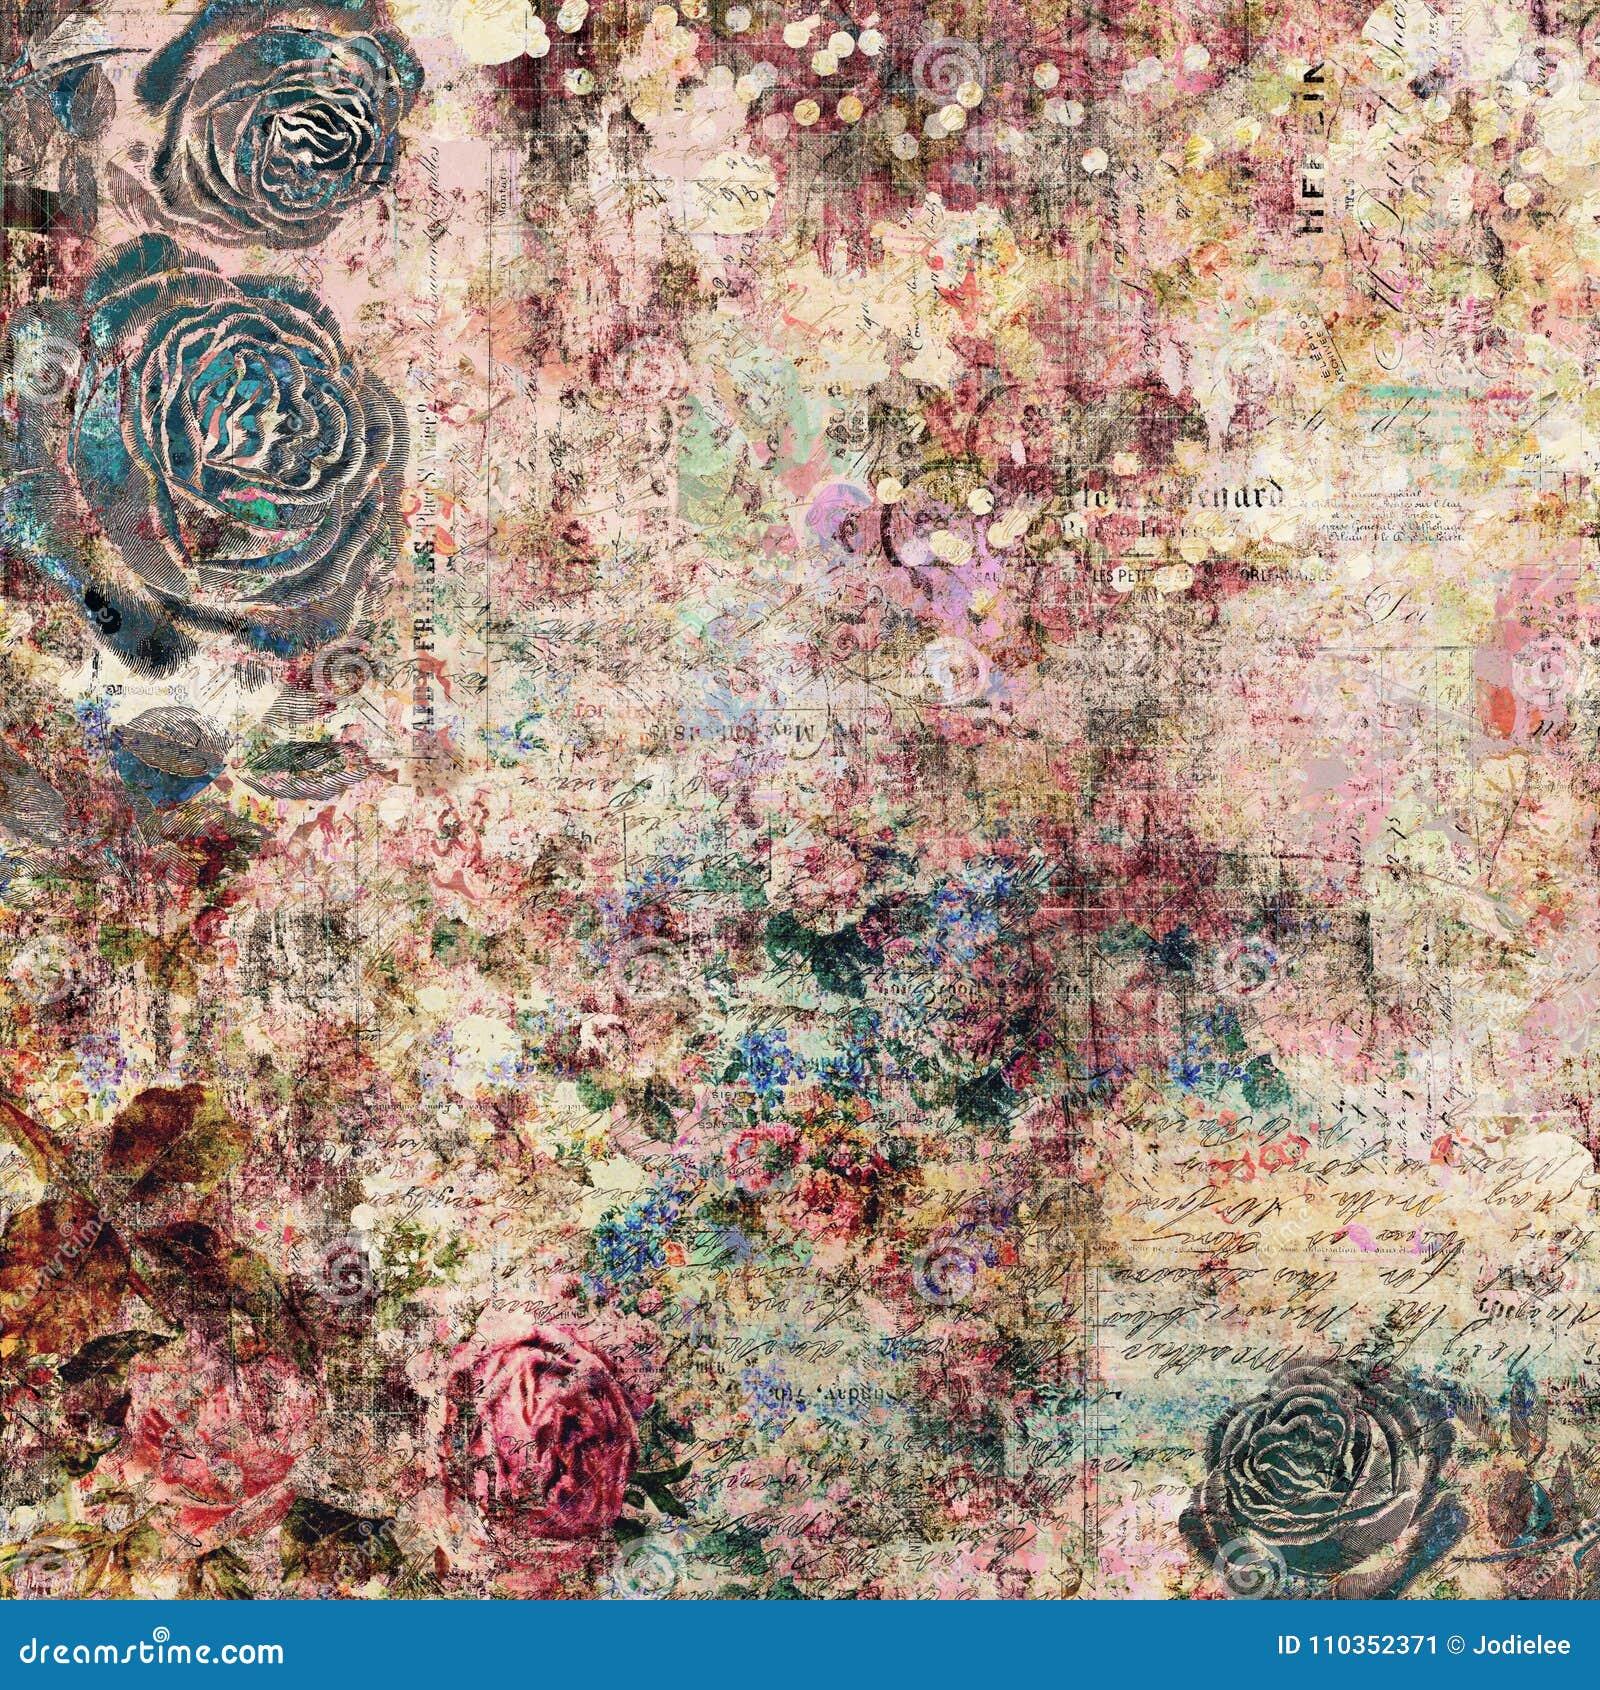 漂泊吉普赛花卉古色古香的与玫瑰的葡萄酒脏的破旧的别致的艺术性的抽象图解背景